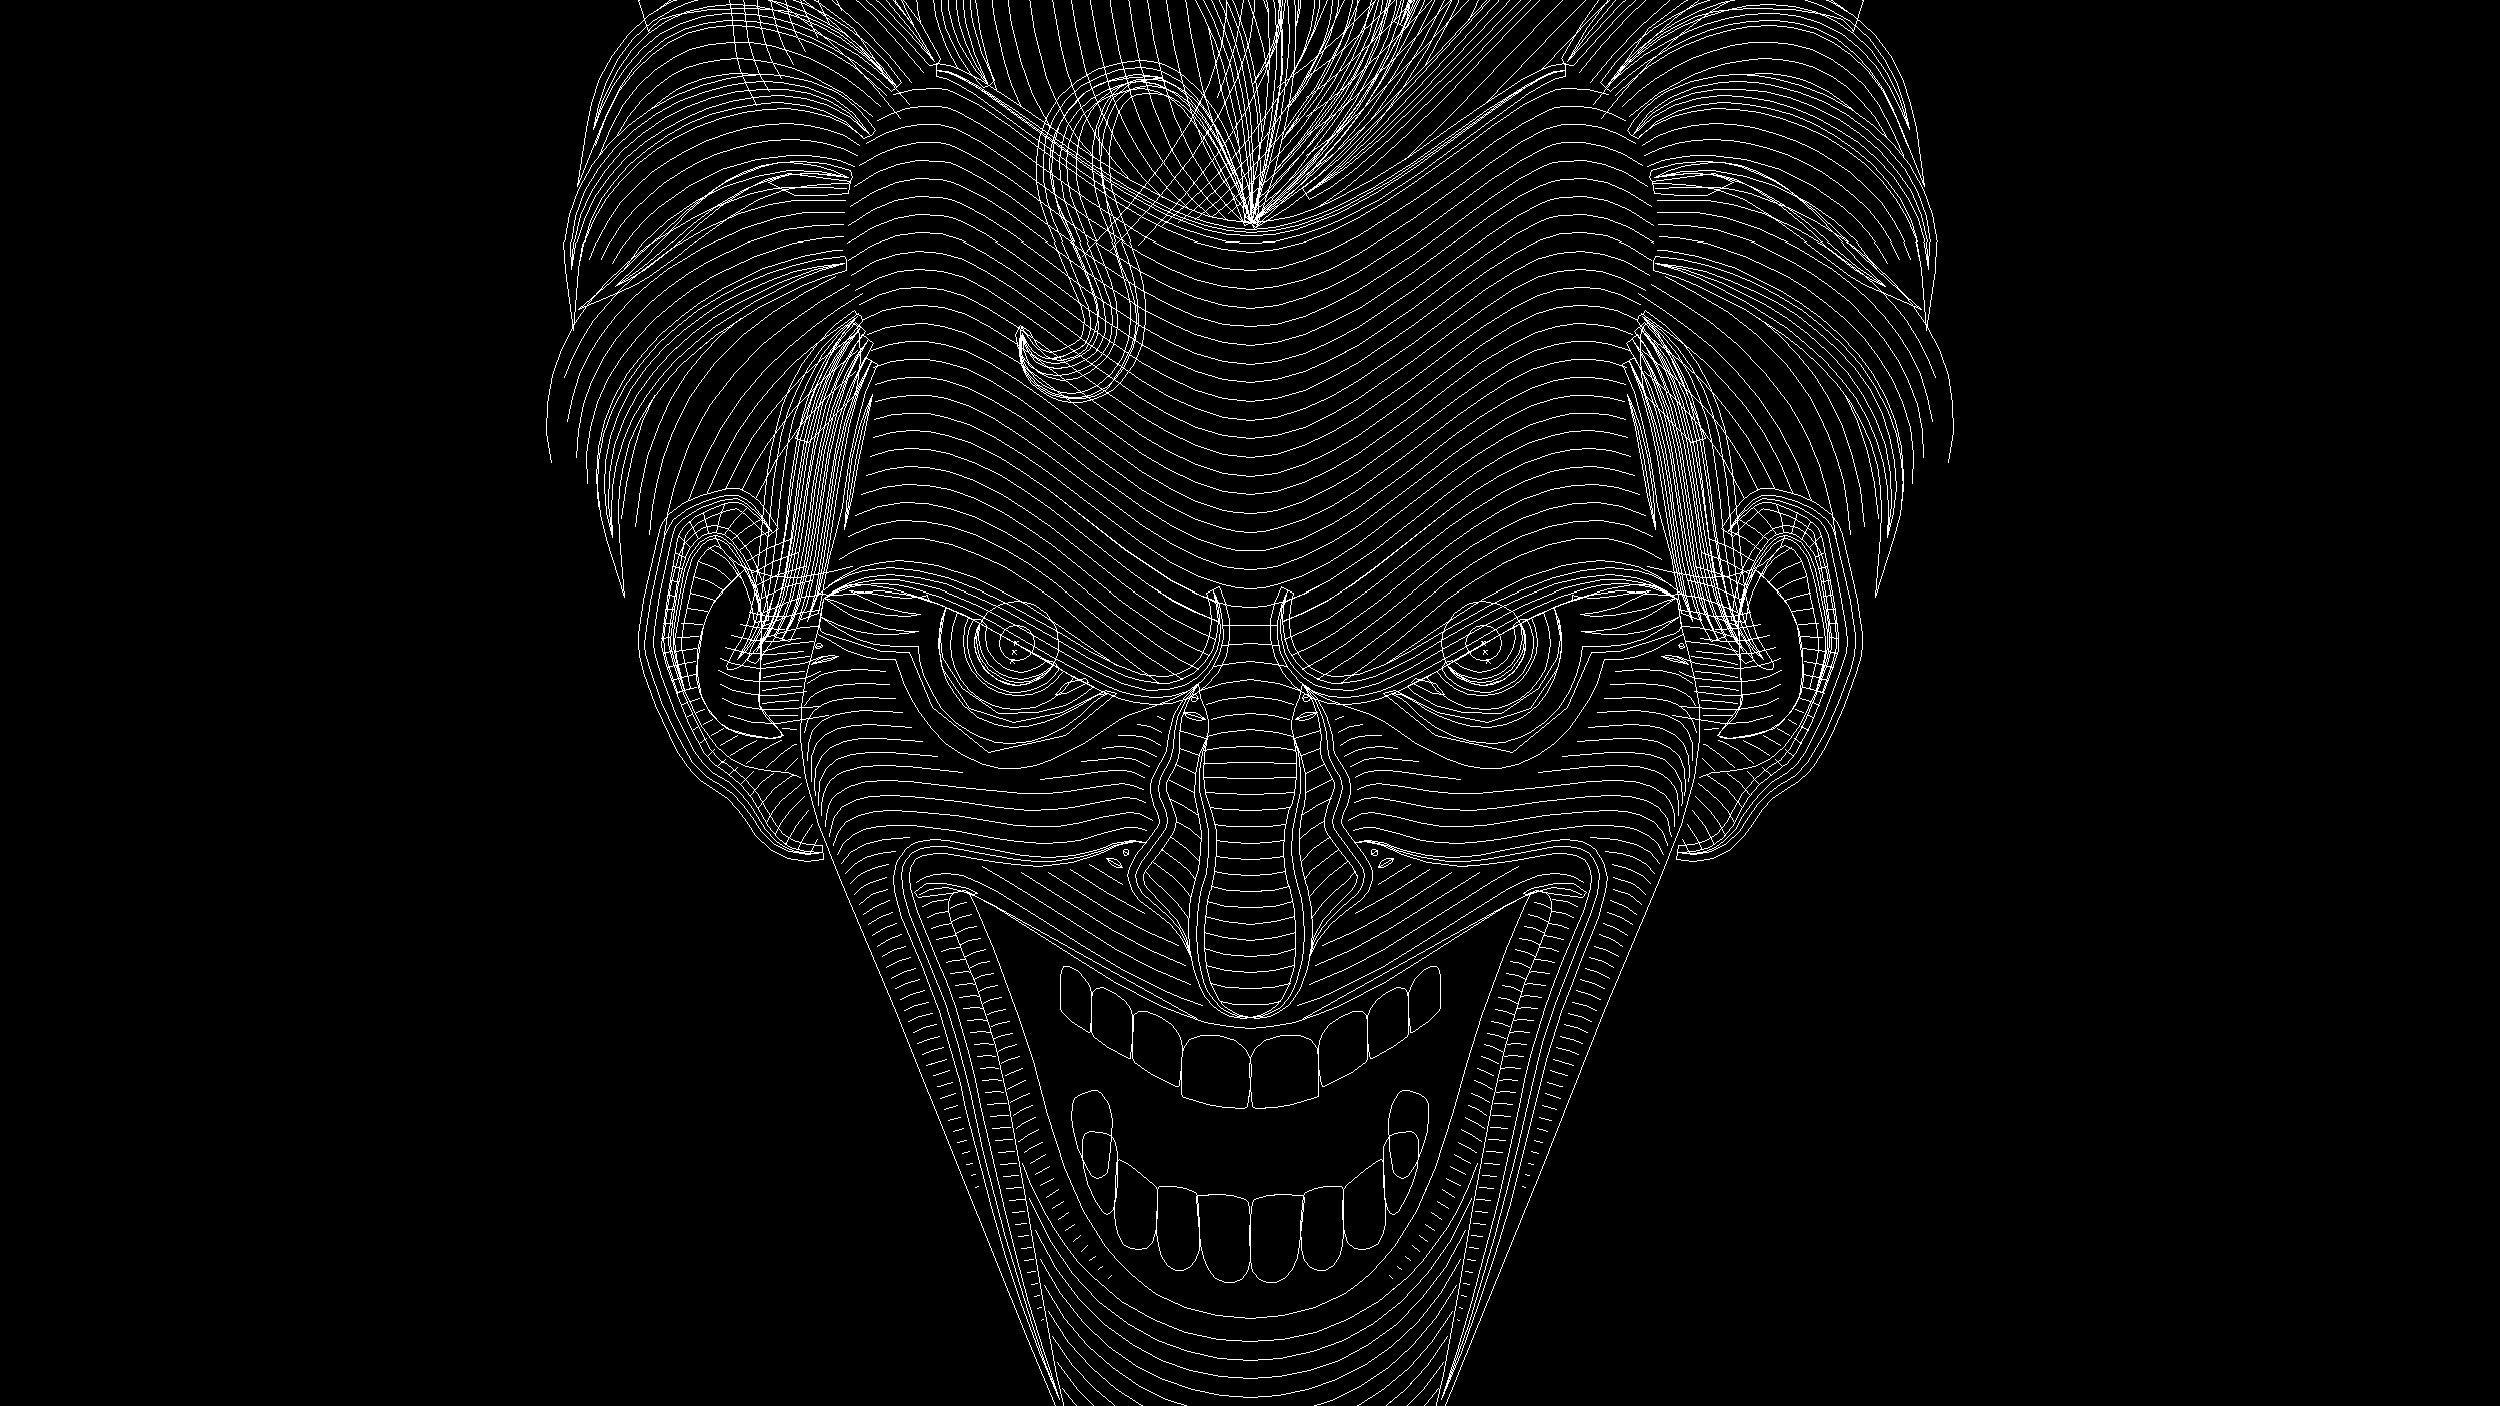 Six Flags Joker Illustration Outline View